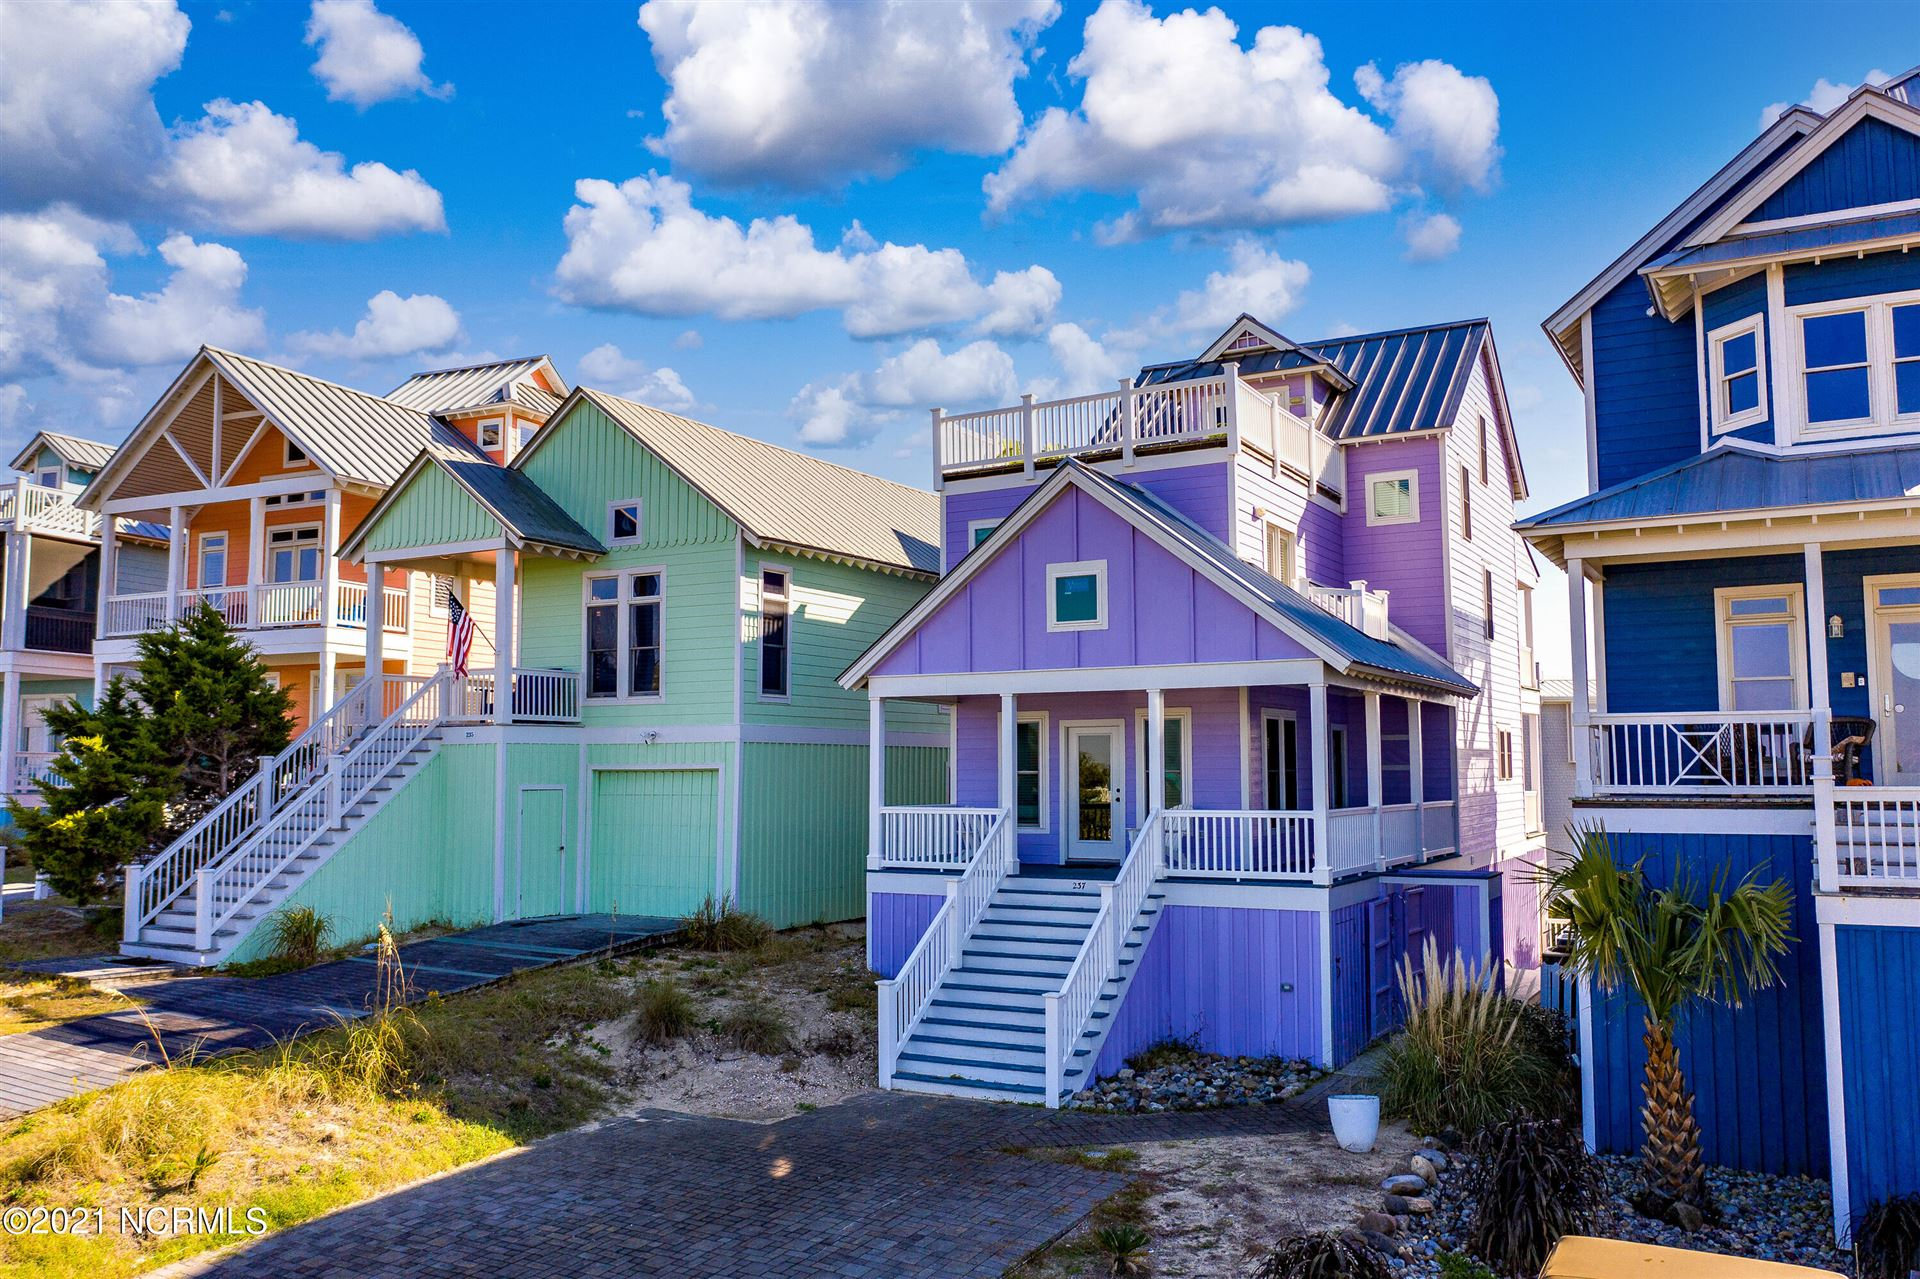 Photo of 237 Sea Dreams Drive, Atlantic Beach, NC 28512 (MLS # 100279062)